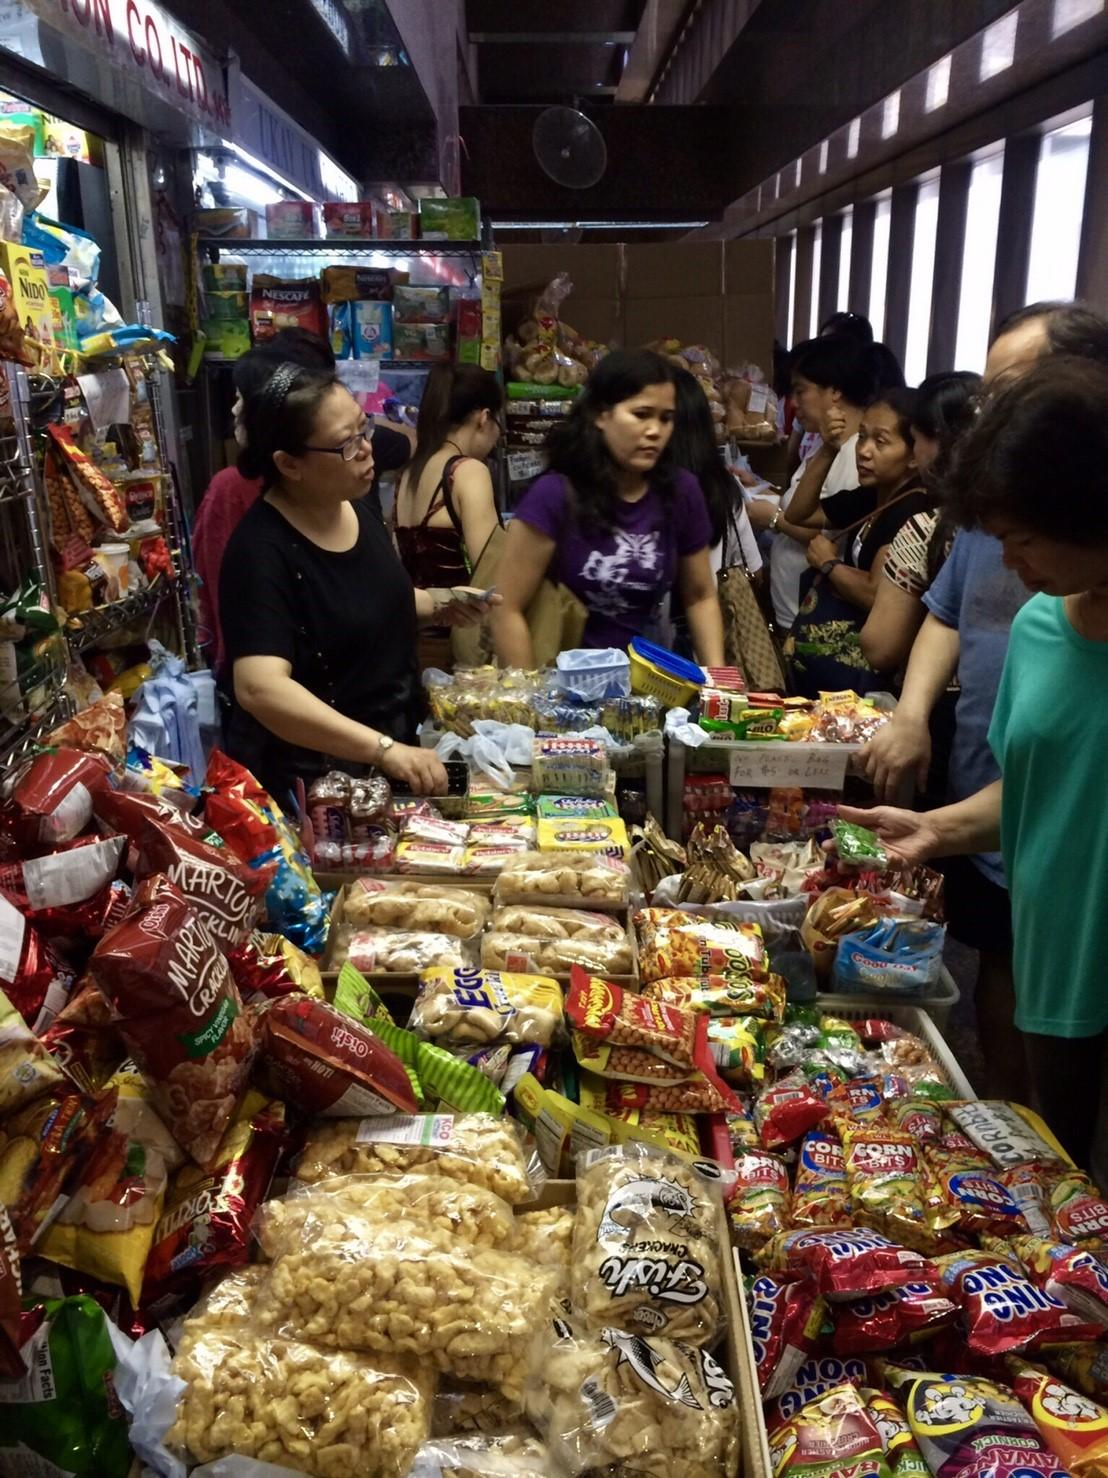 香港中環「環球大廈」裡有許多鋪位賣著菲律賓食品及日用品。